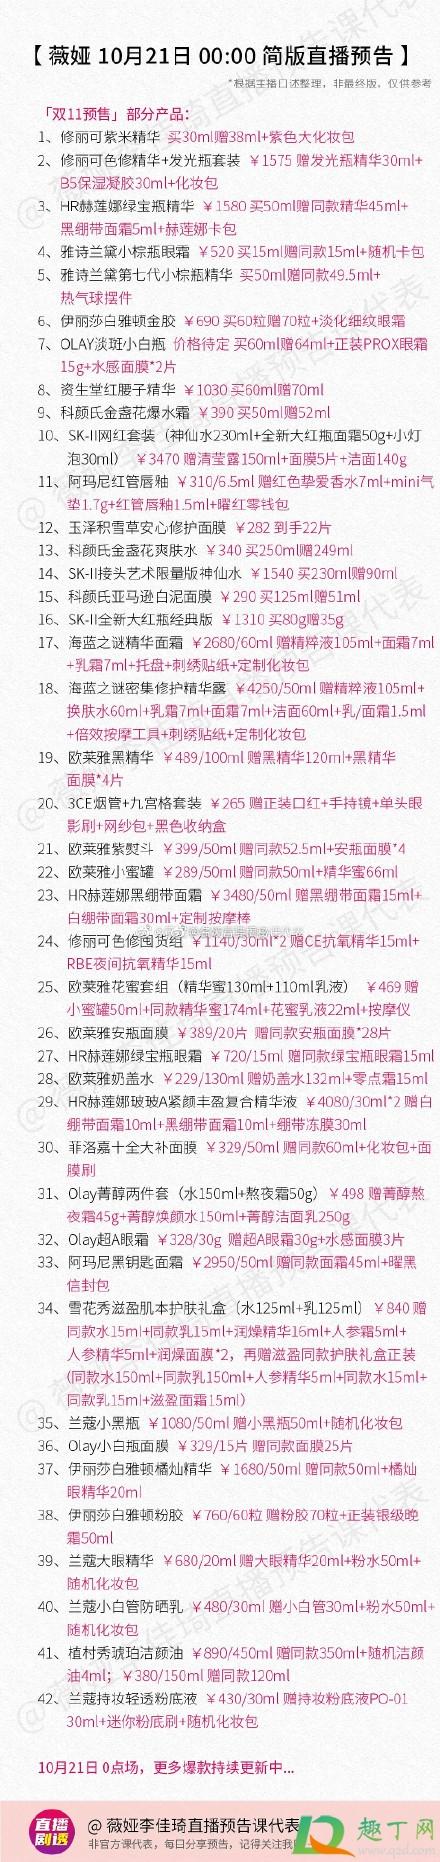 薇娅10.21直播预告清单20202